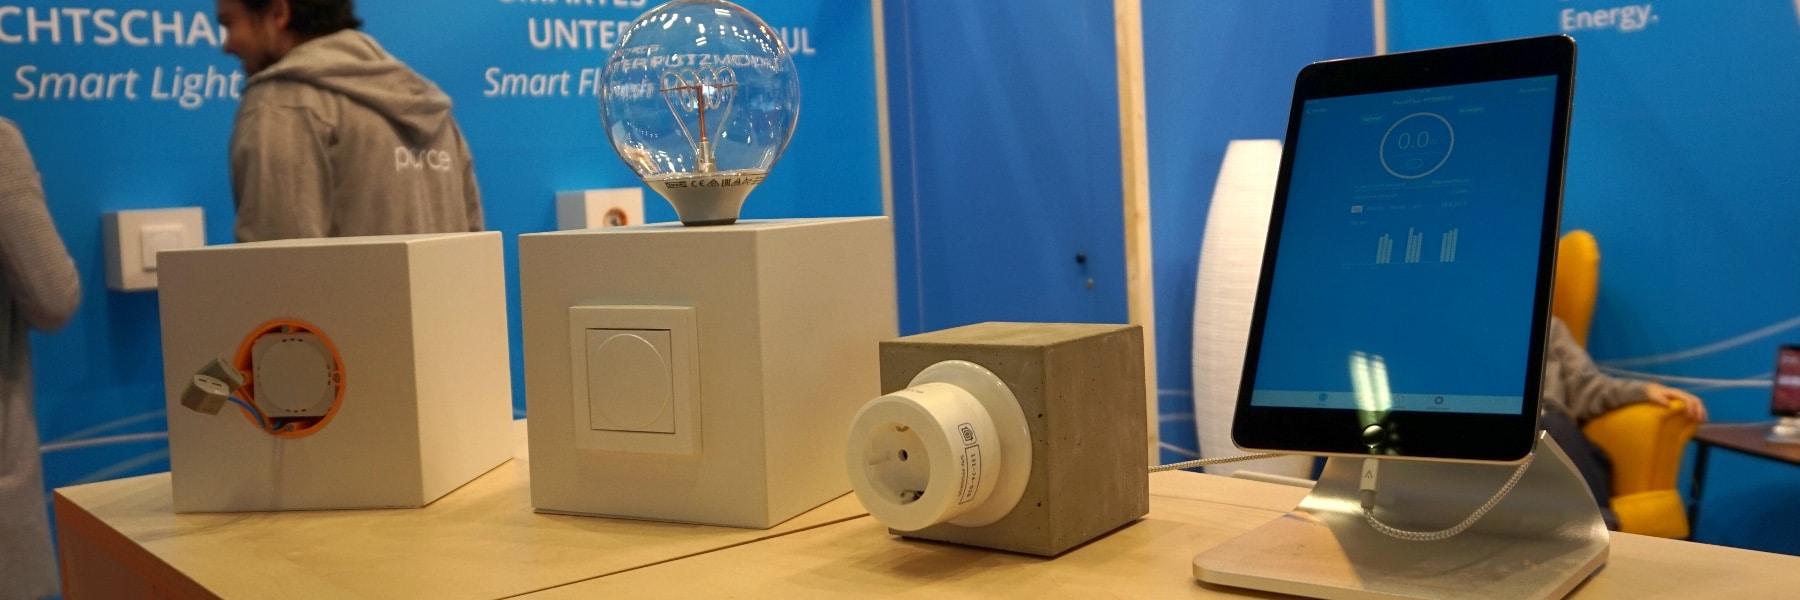 Parce ist mit drei neuen HomeKit Produkten zurück